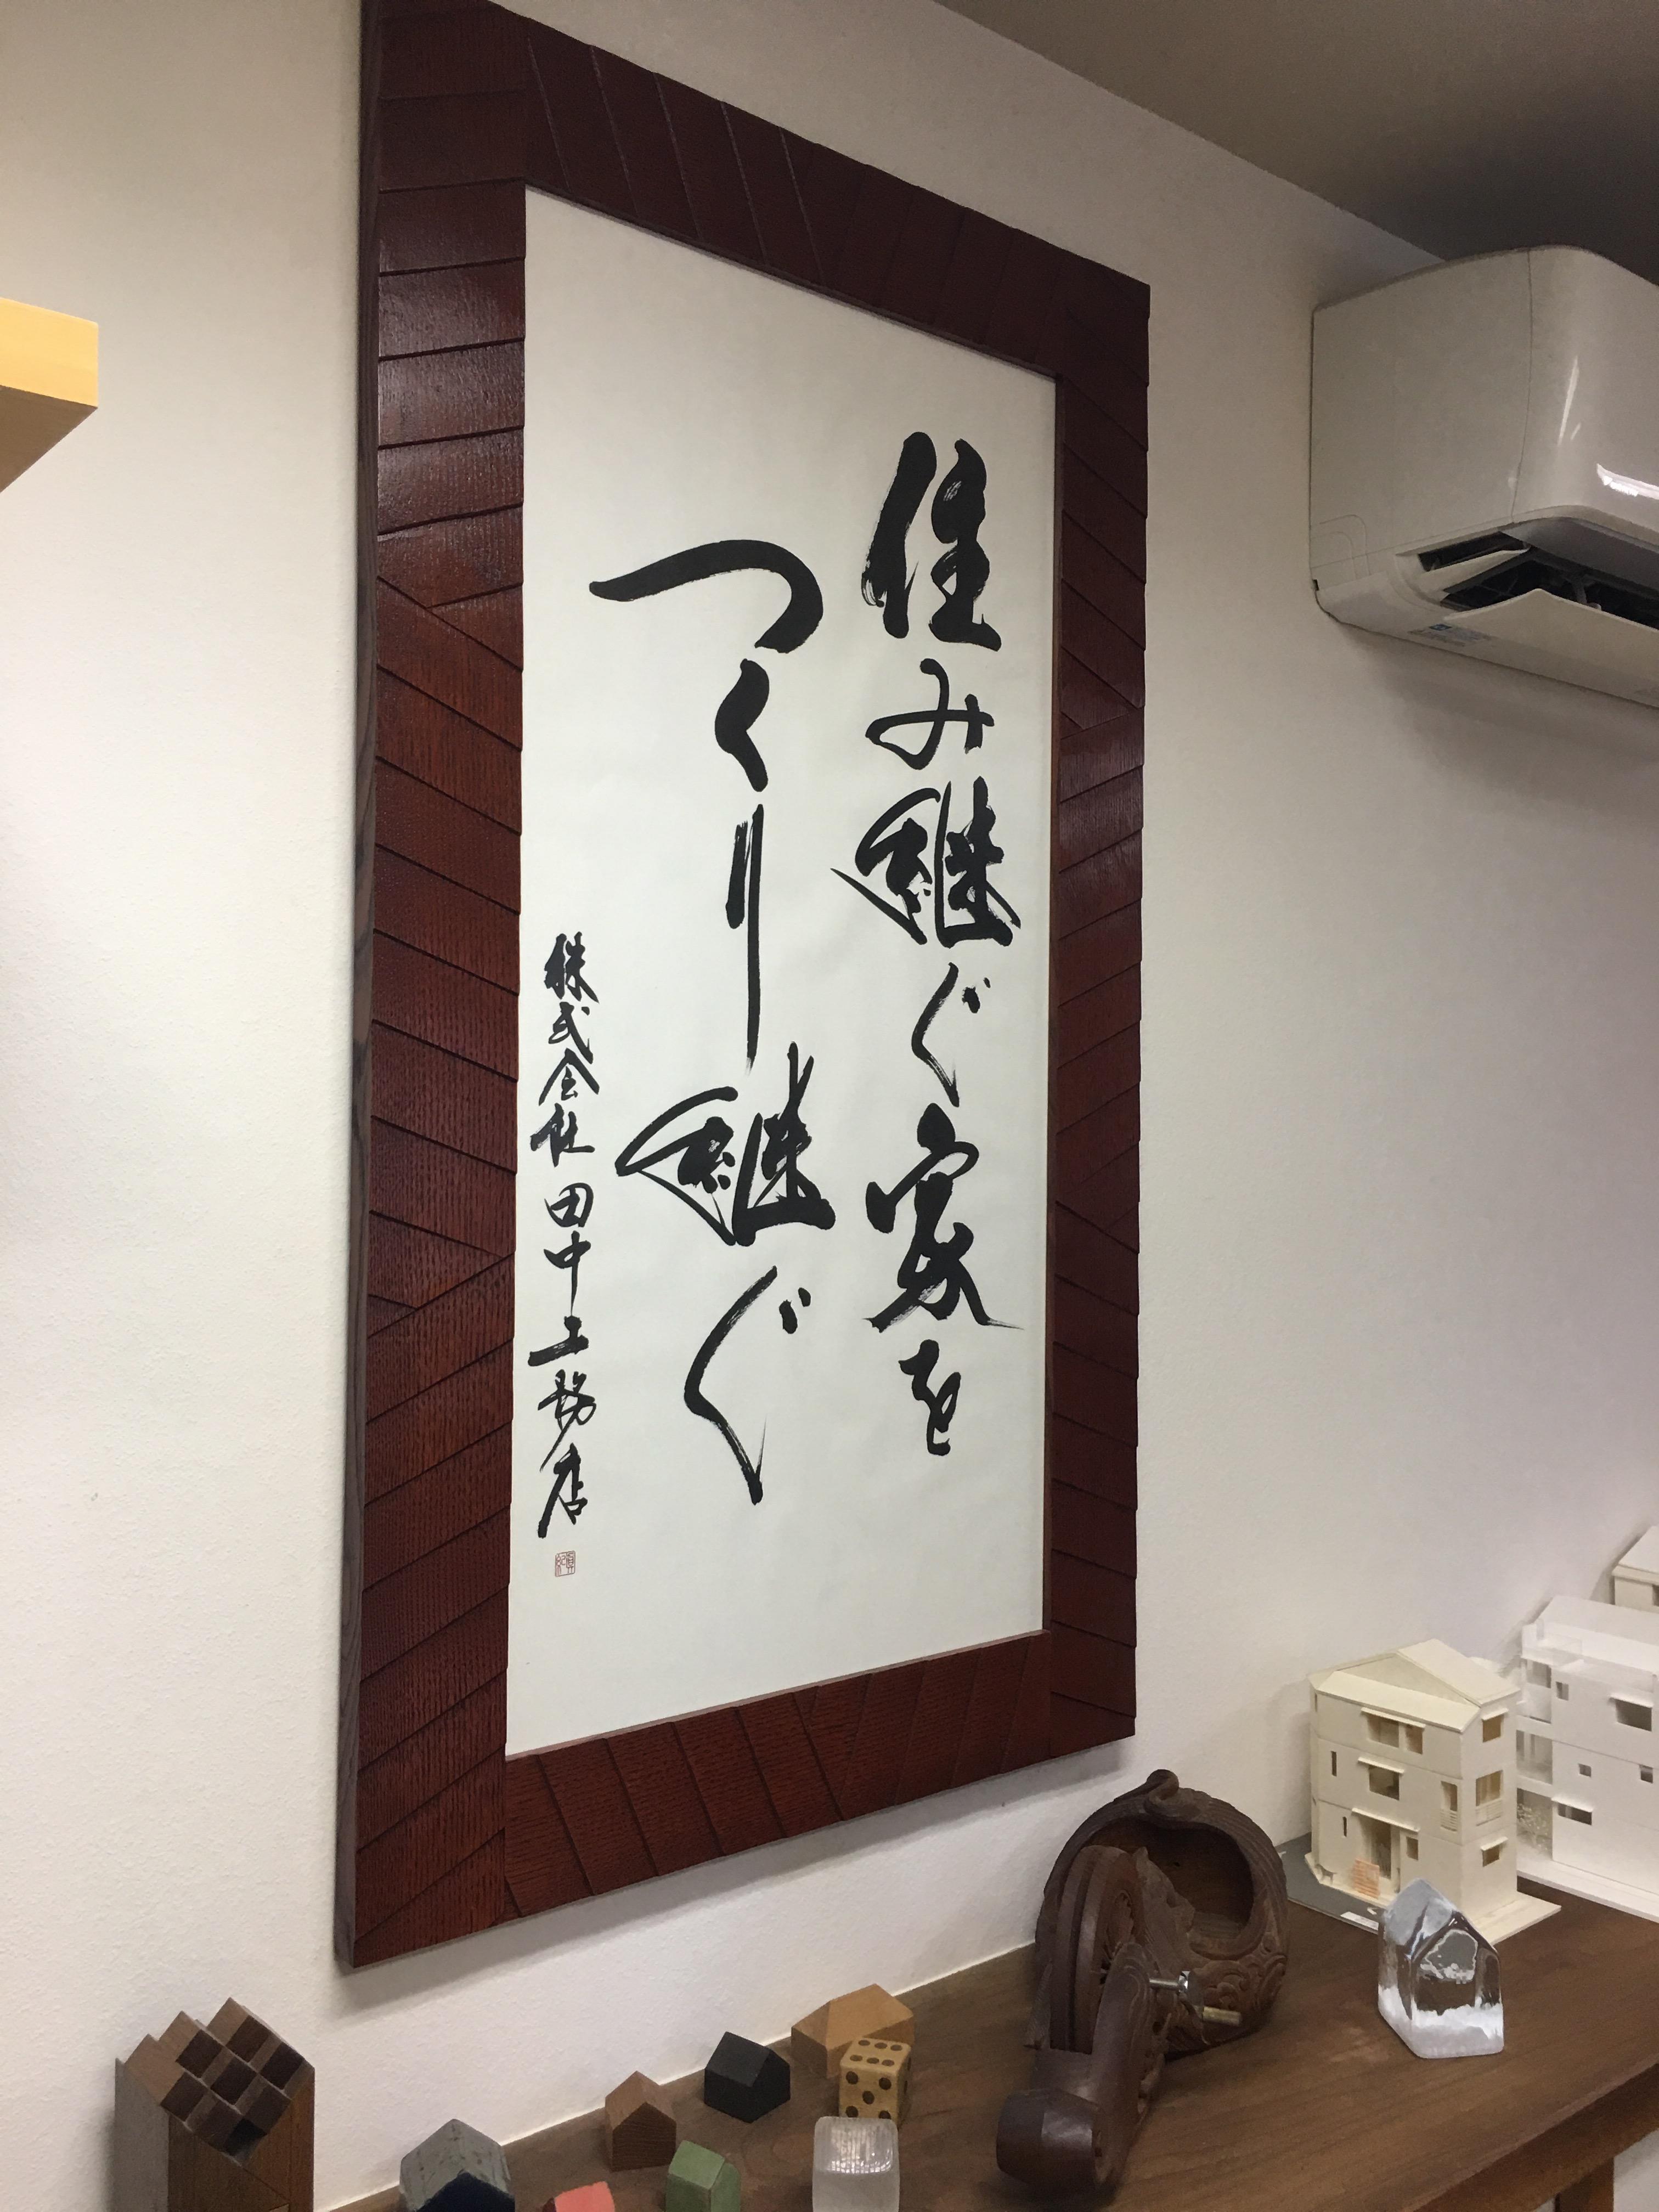 田中工務店170920-3の画像